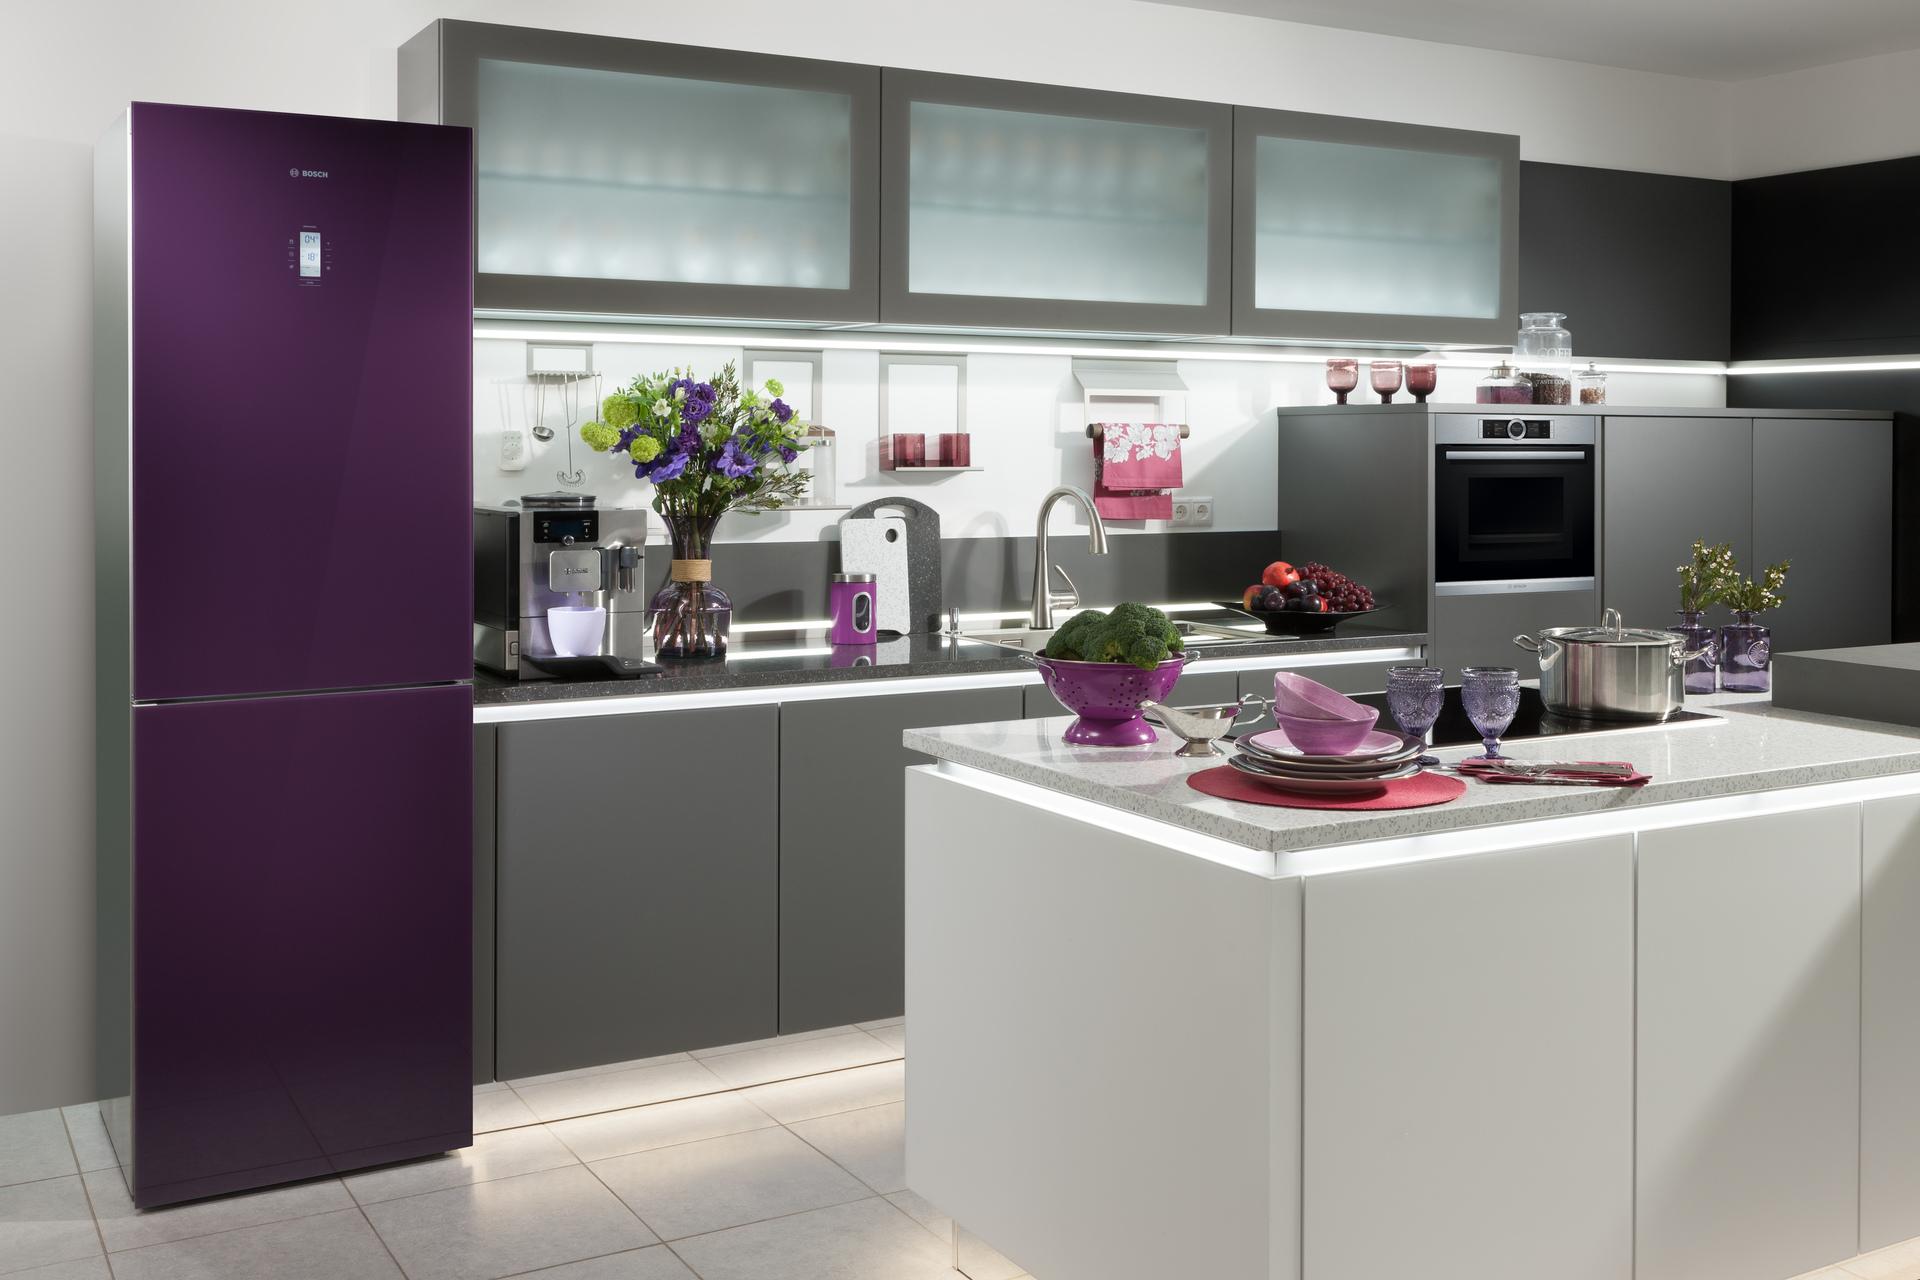 Фиолетовый холодильник Bosch из стекла - магазин холодильного оборудования в Краснодаре